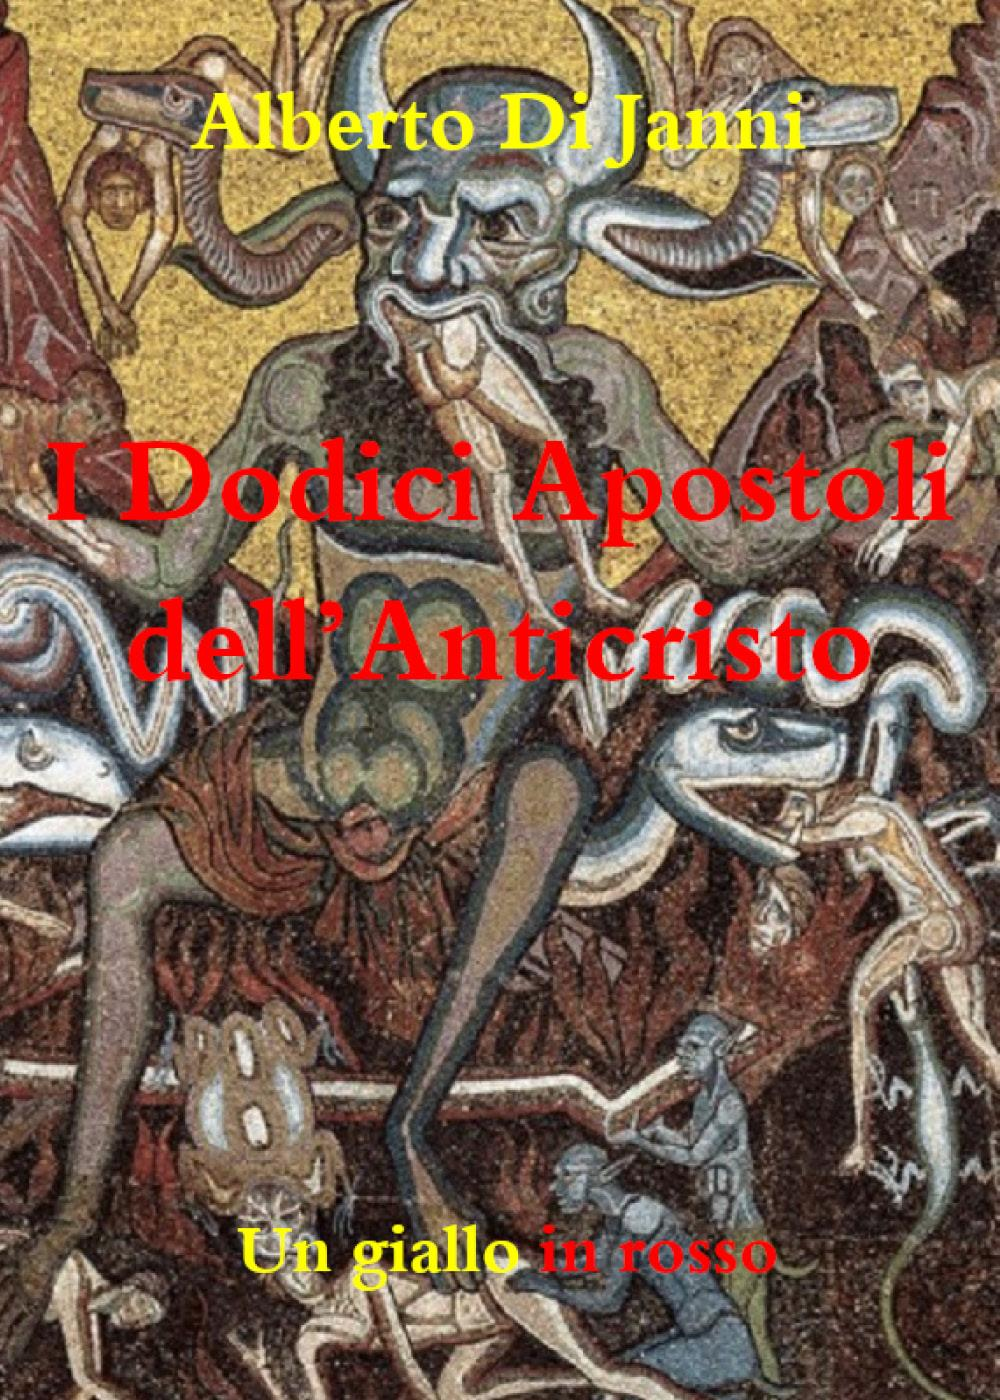 I Dodici Apostoli dell'Anticristo